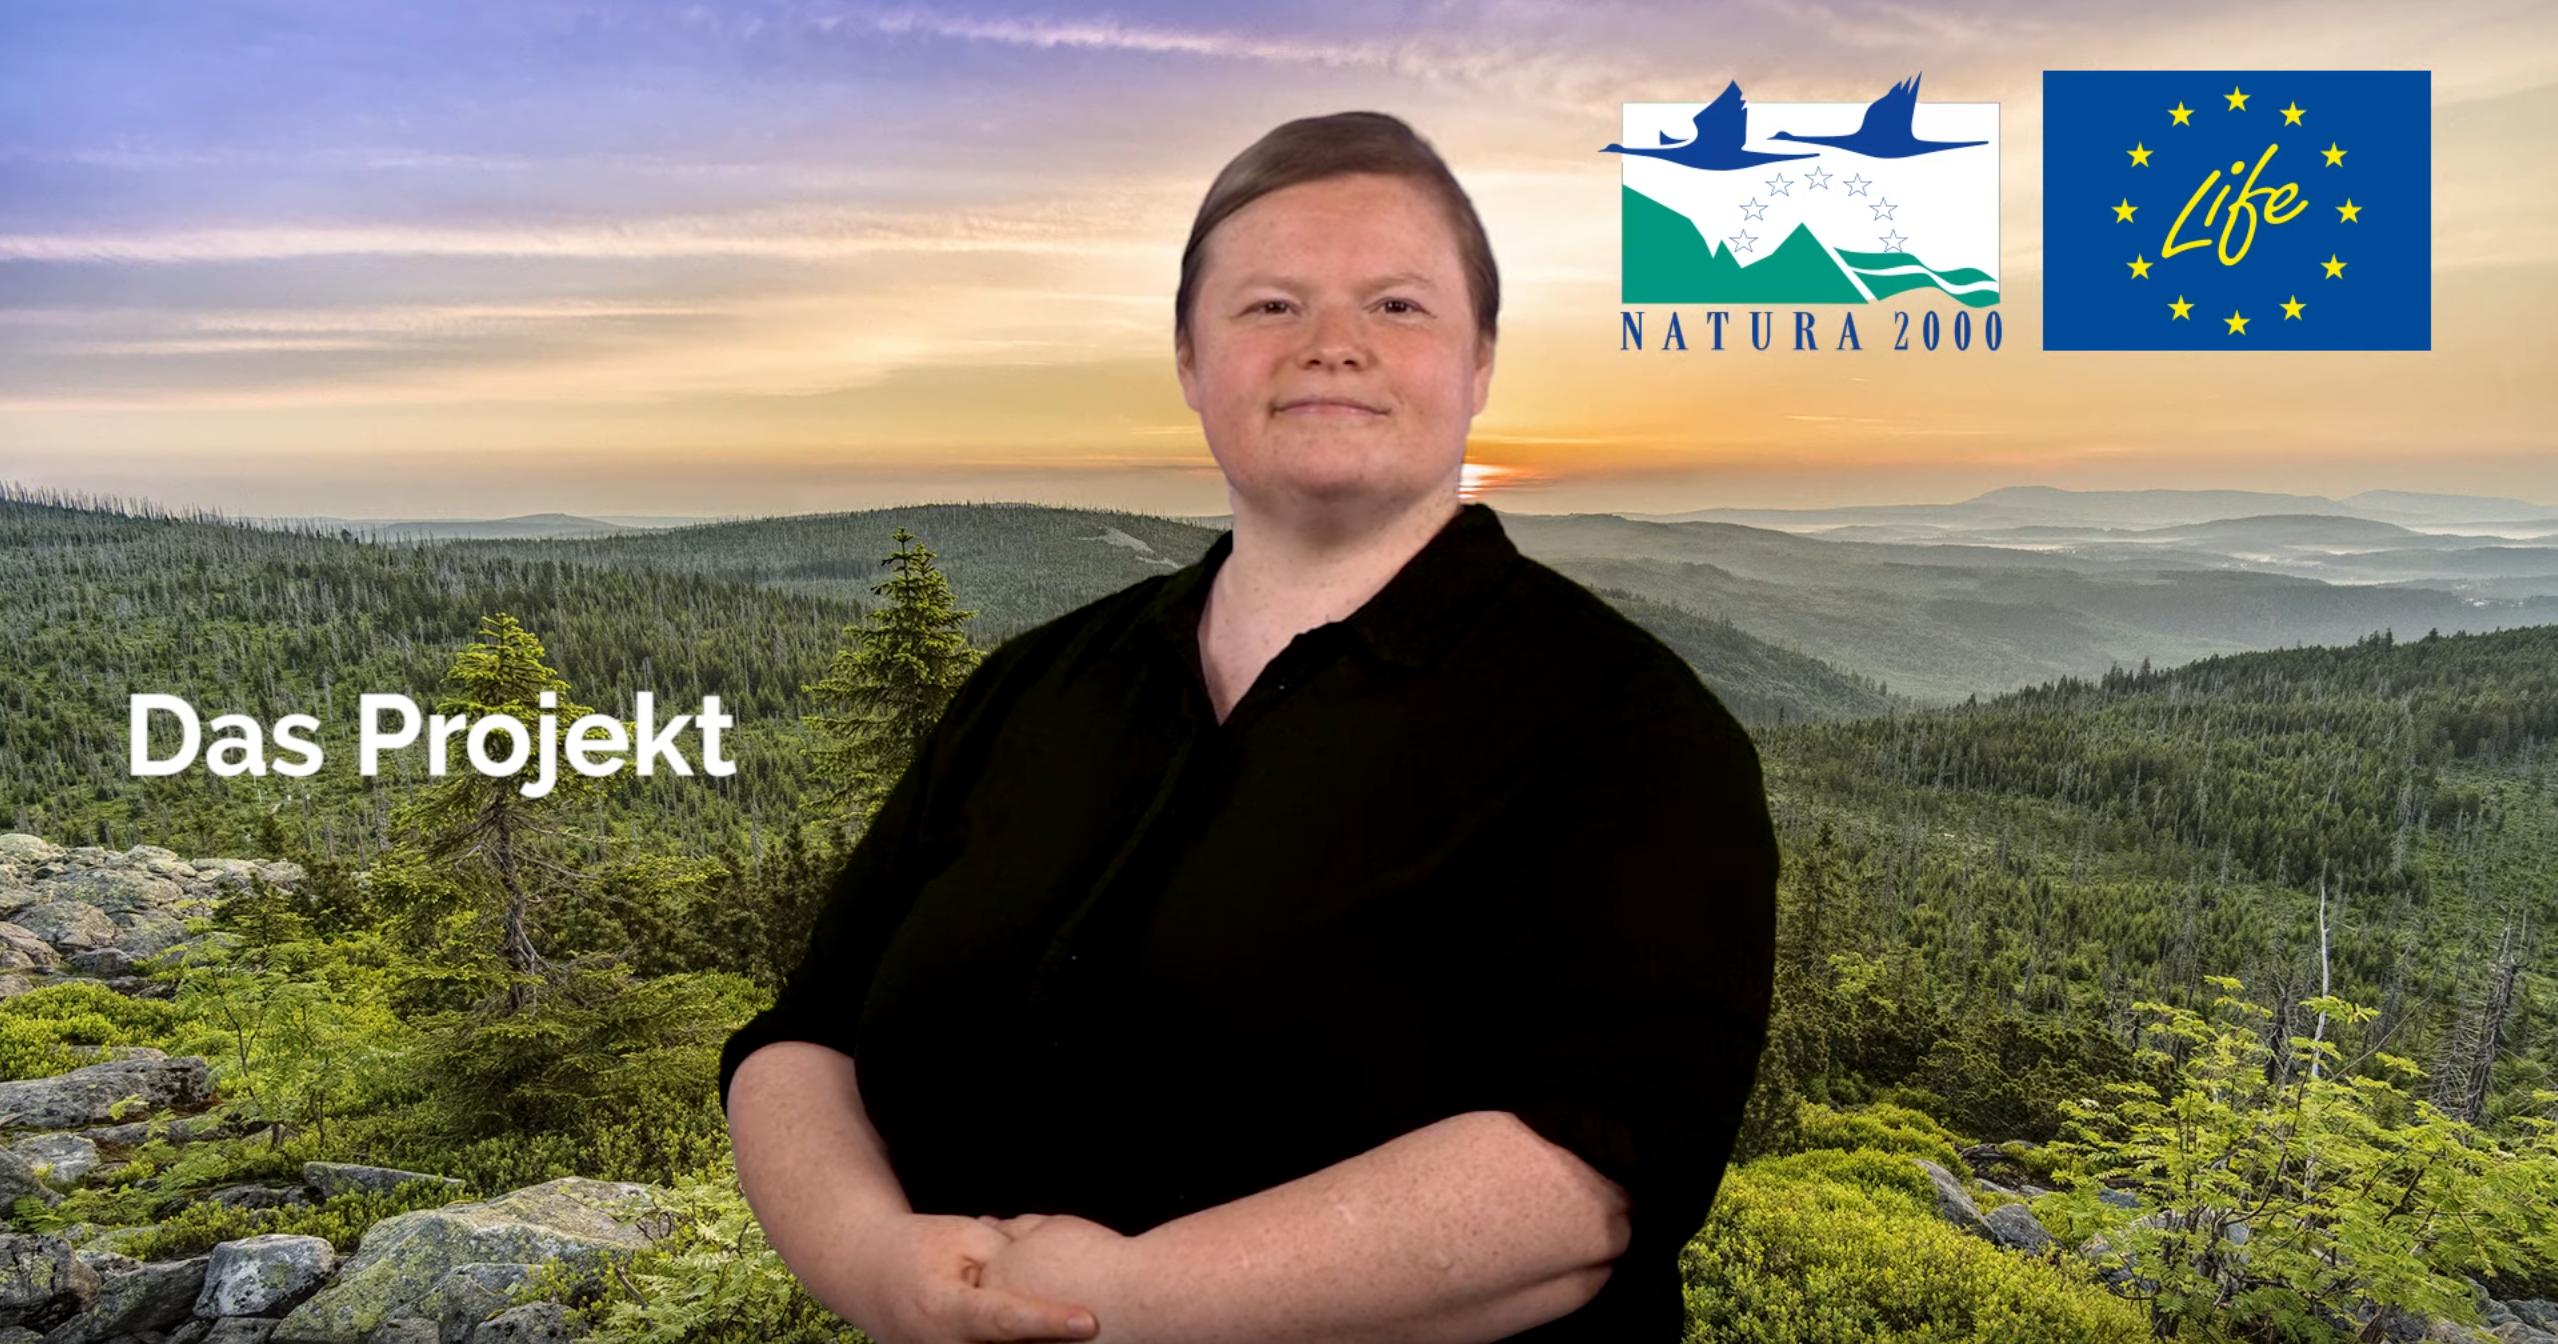 Vor dem Hintergrund einer weiten, bewaldeten Hügellandschaft steht eine Person, umgeben von der Aufschrift Das Projekt auf der linken Seite und den beiden Logos von Natura2000 und dem Life-Projekt auf der rechten Seite.